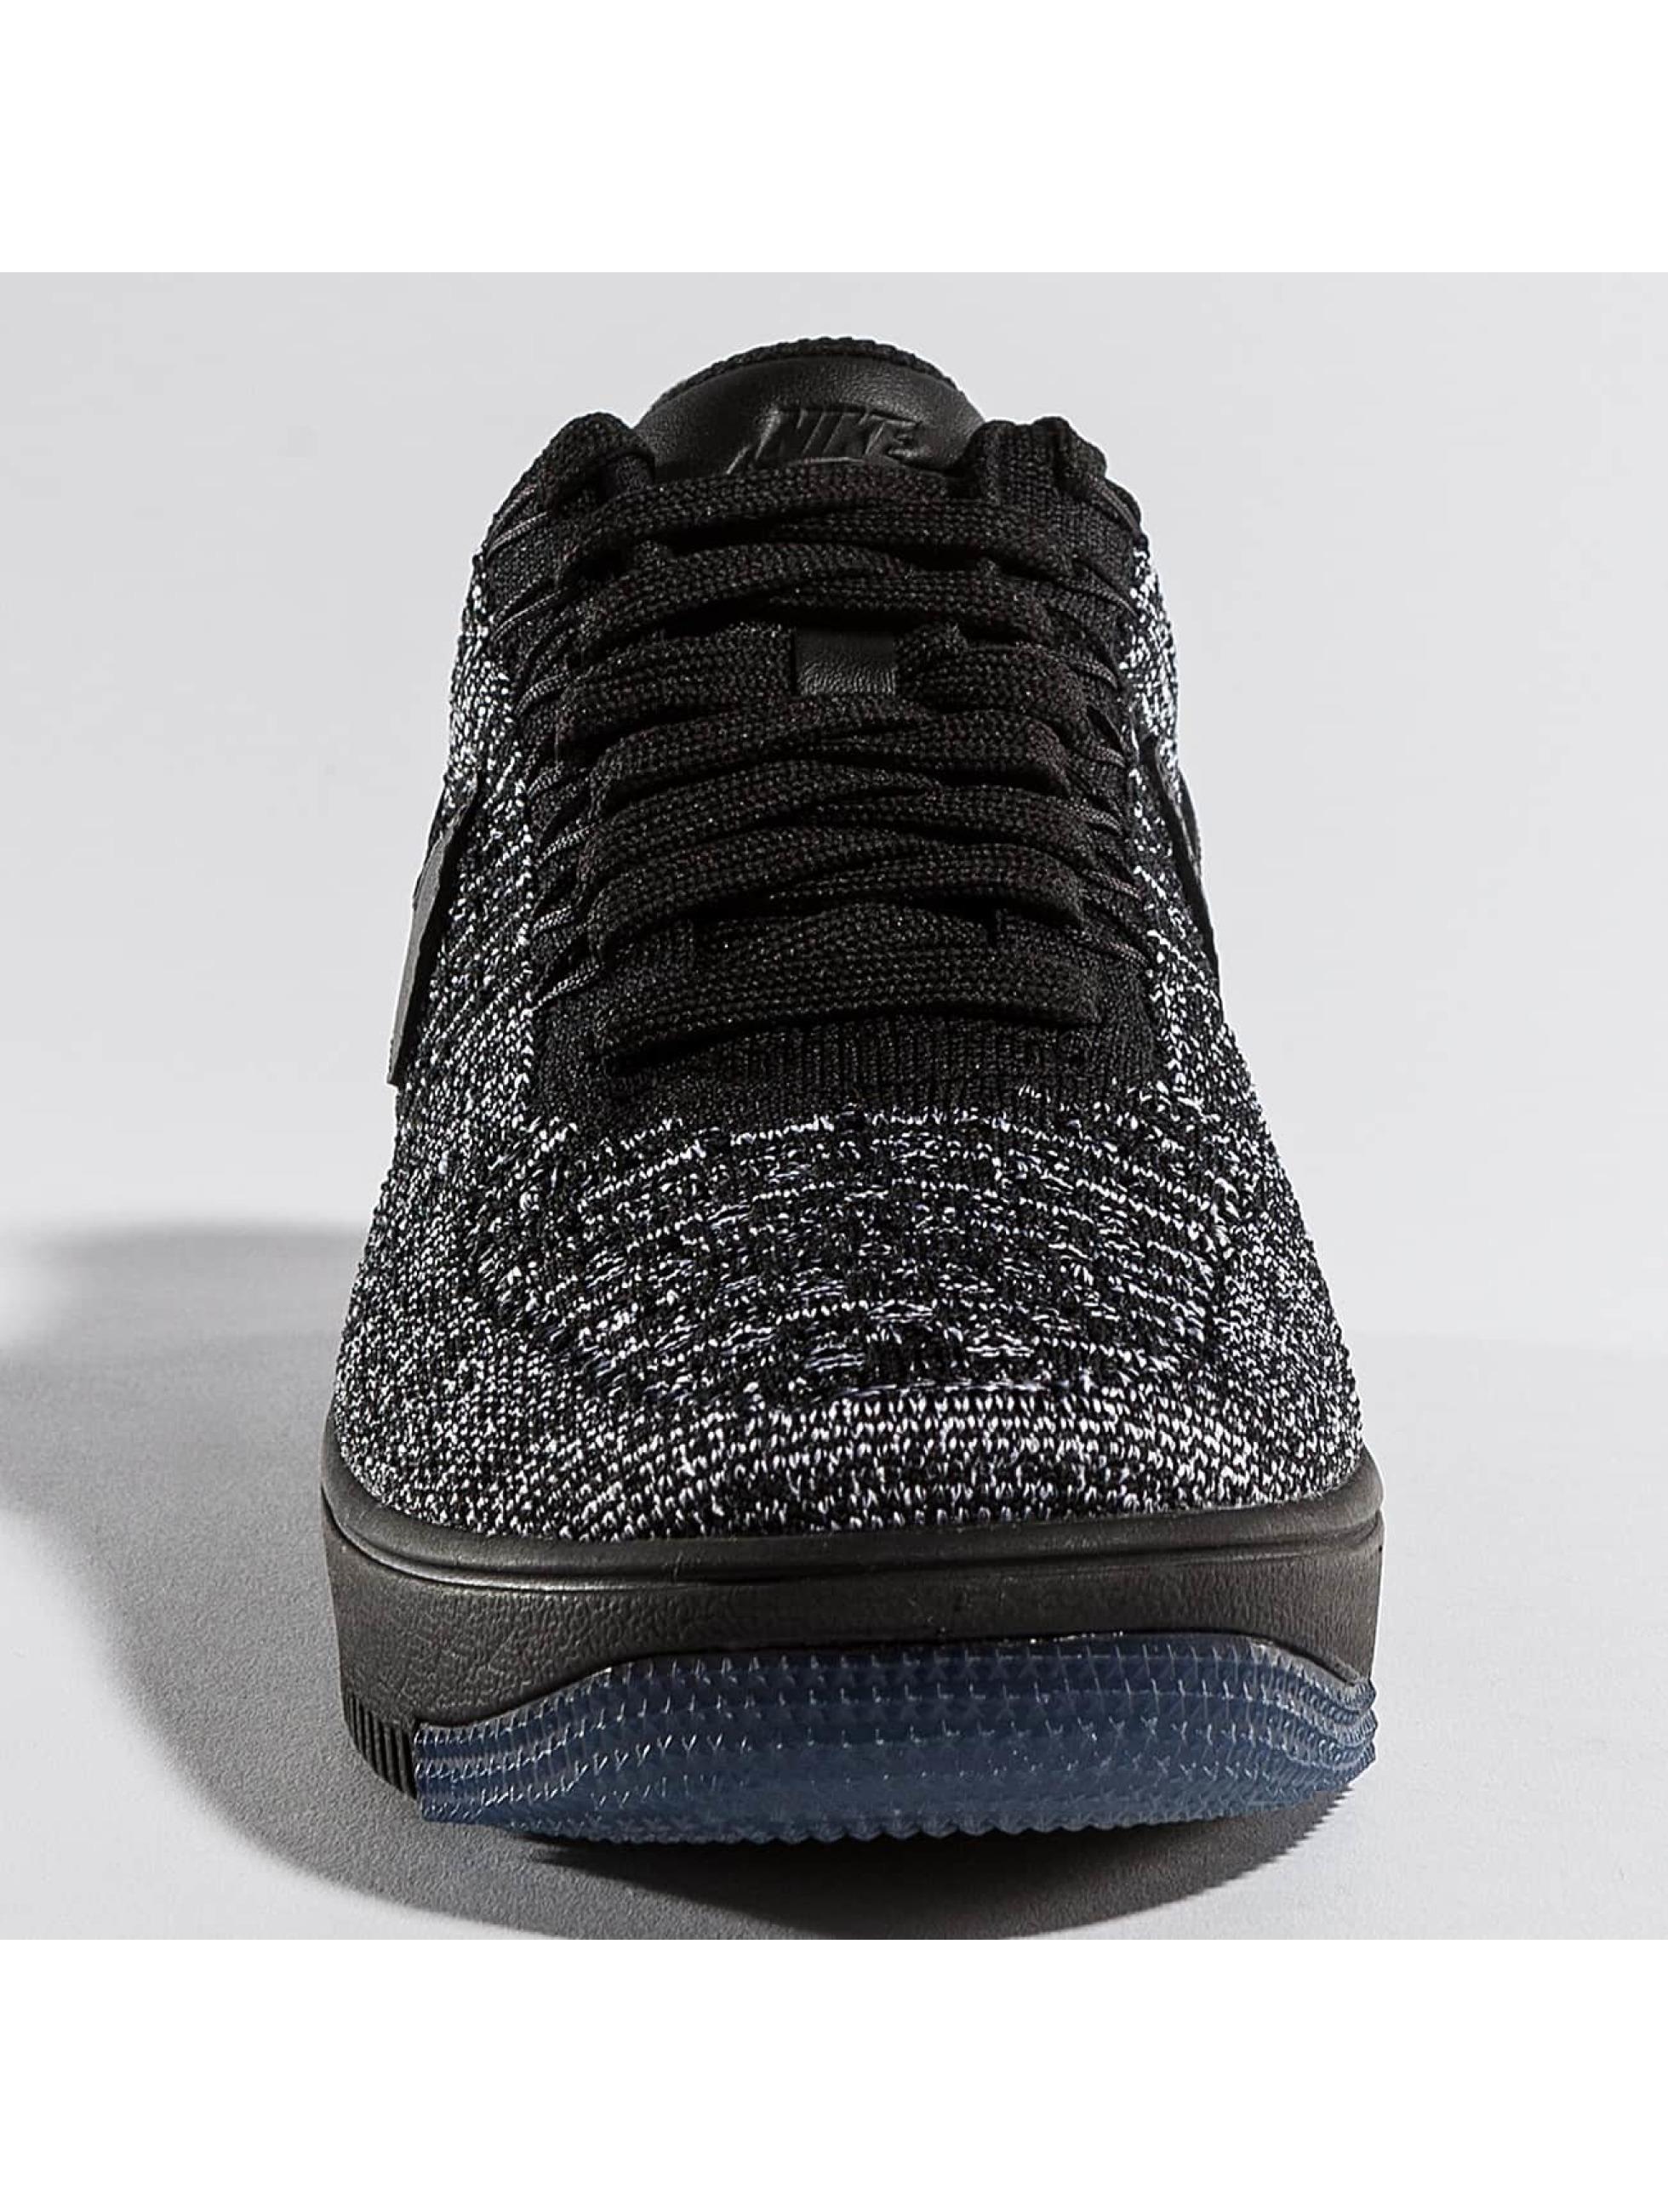 Nike Sneakers Flyknit Low black